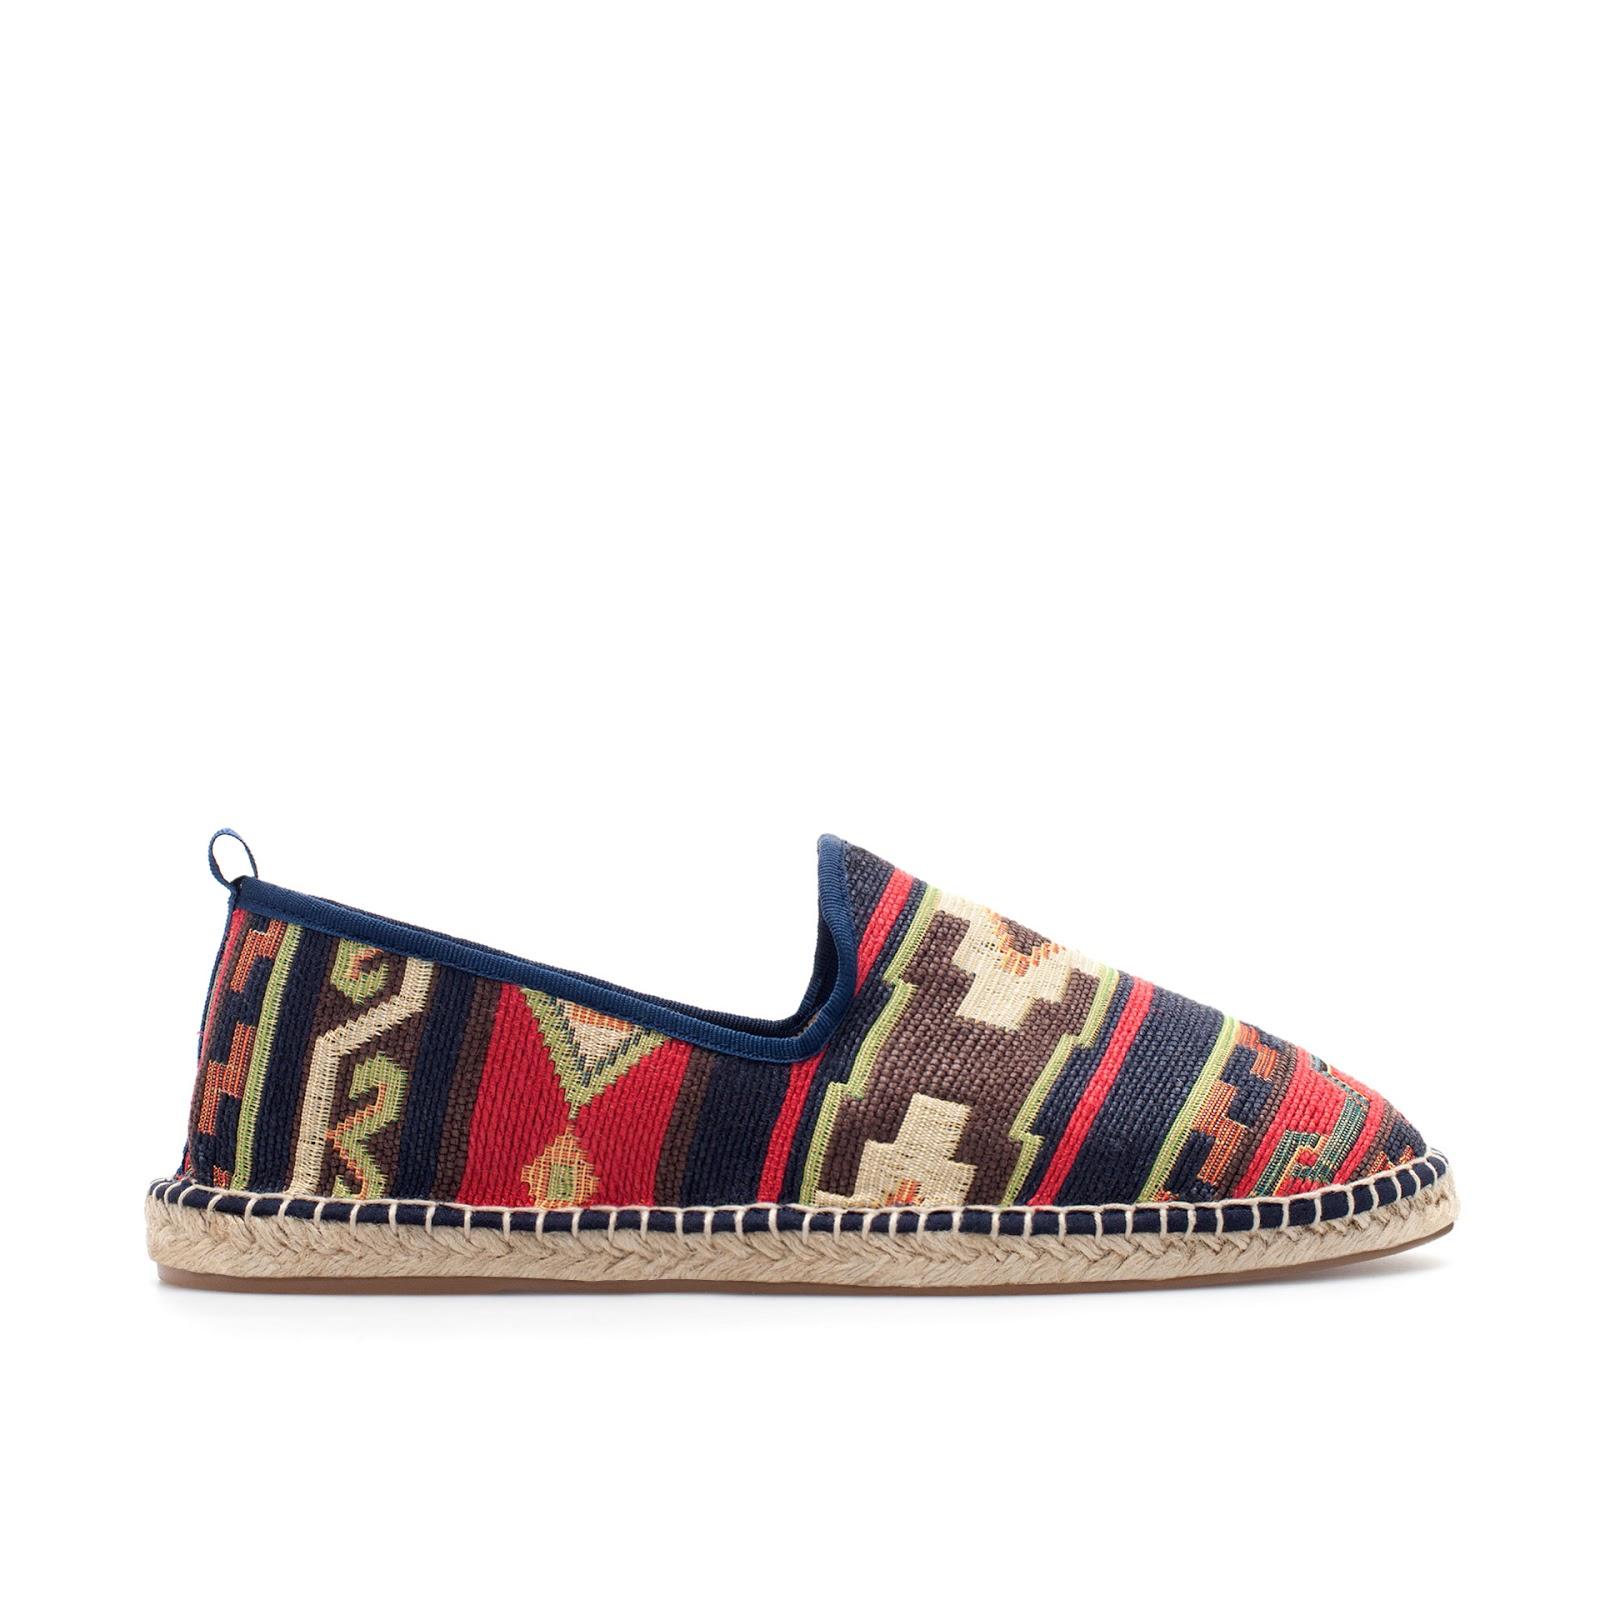 De todas las opciones que tenemos en las tiendas low cost, ZARA nos ofrece la más bonita de todas, con estampado azteca. Unas alpargatas originales